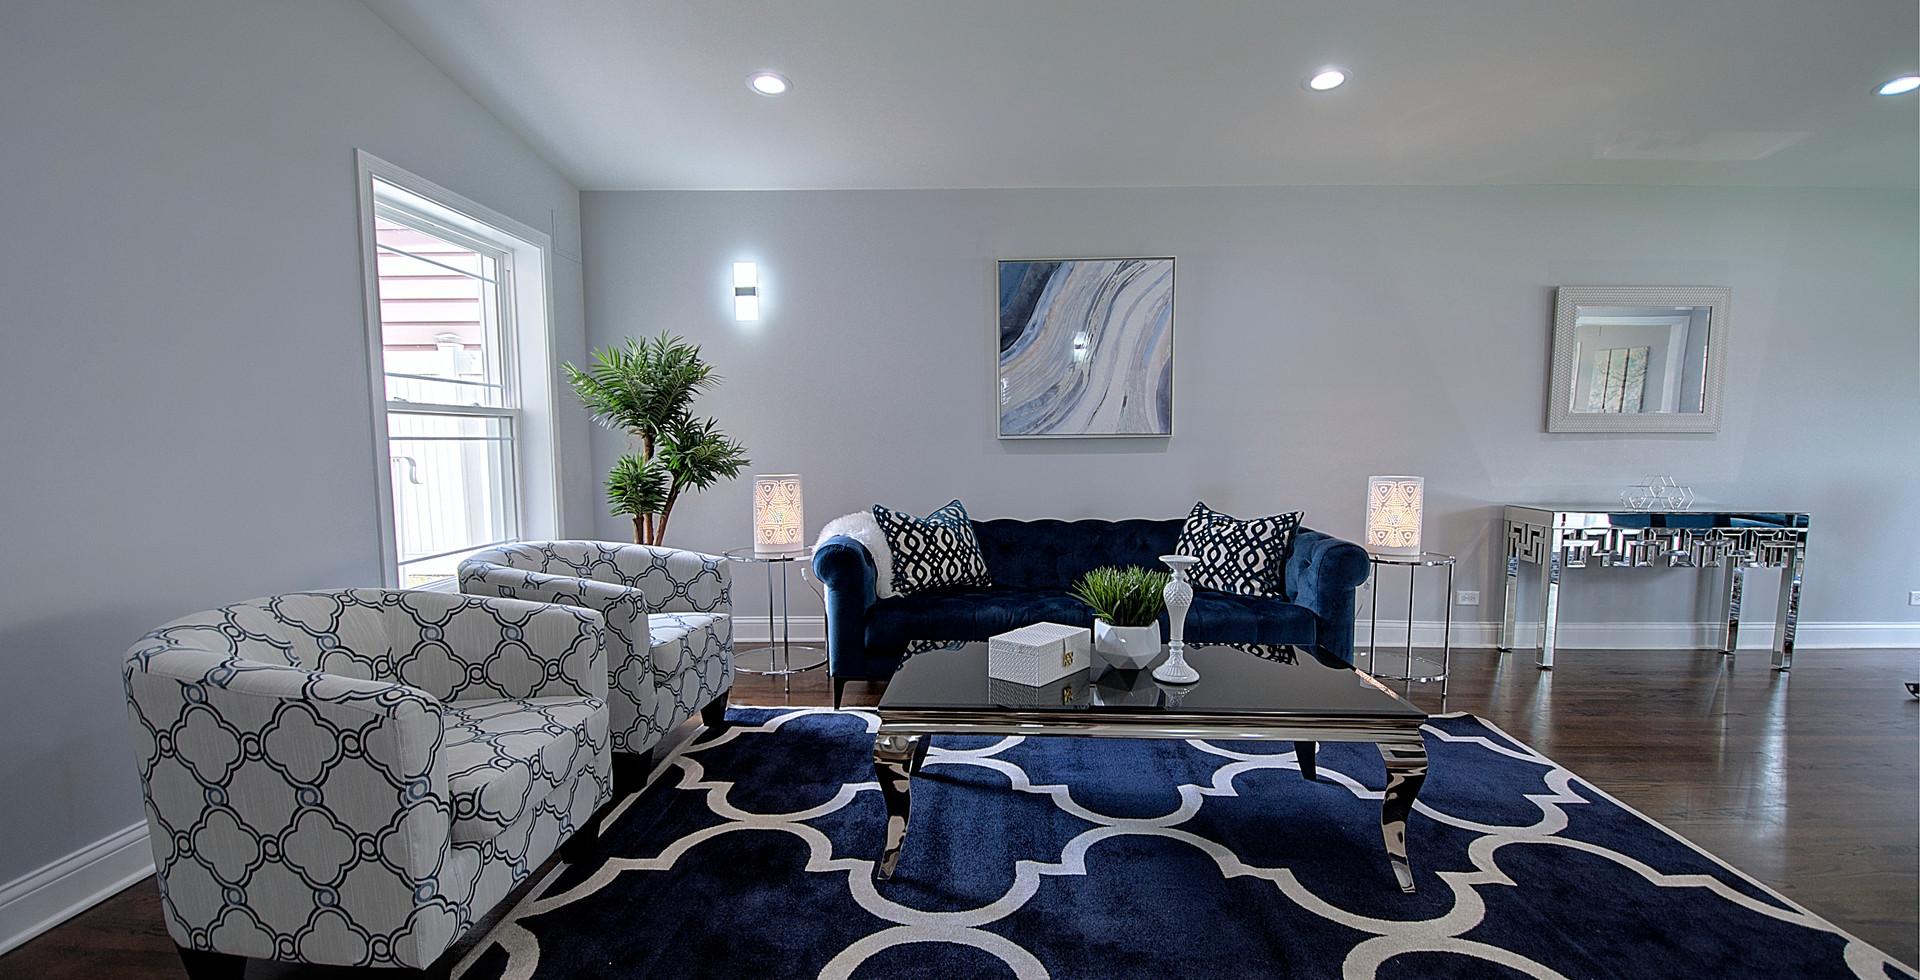 Living Room in Burr Ridge designed by MRM Home Design.jpg